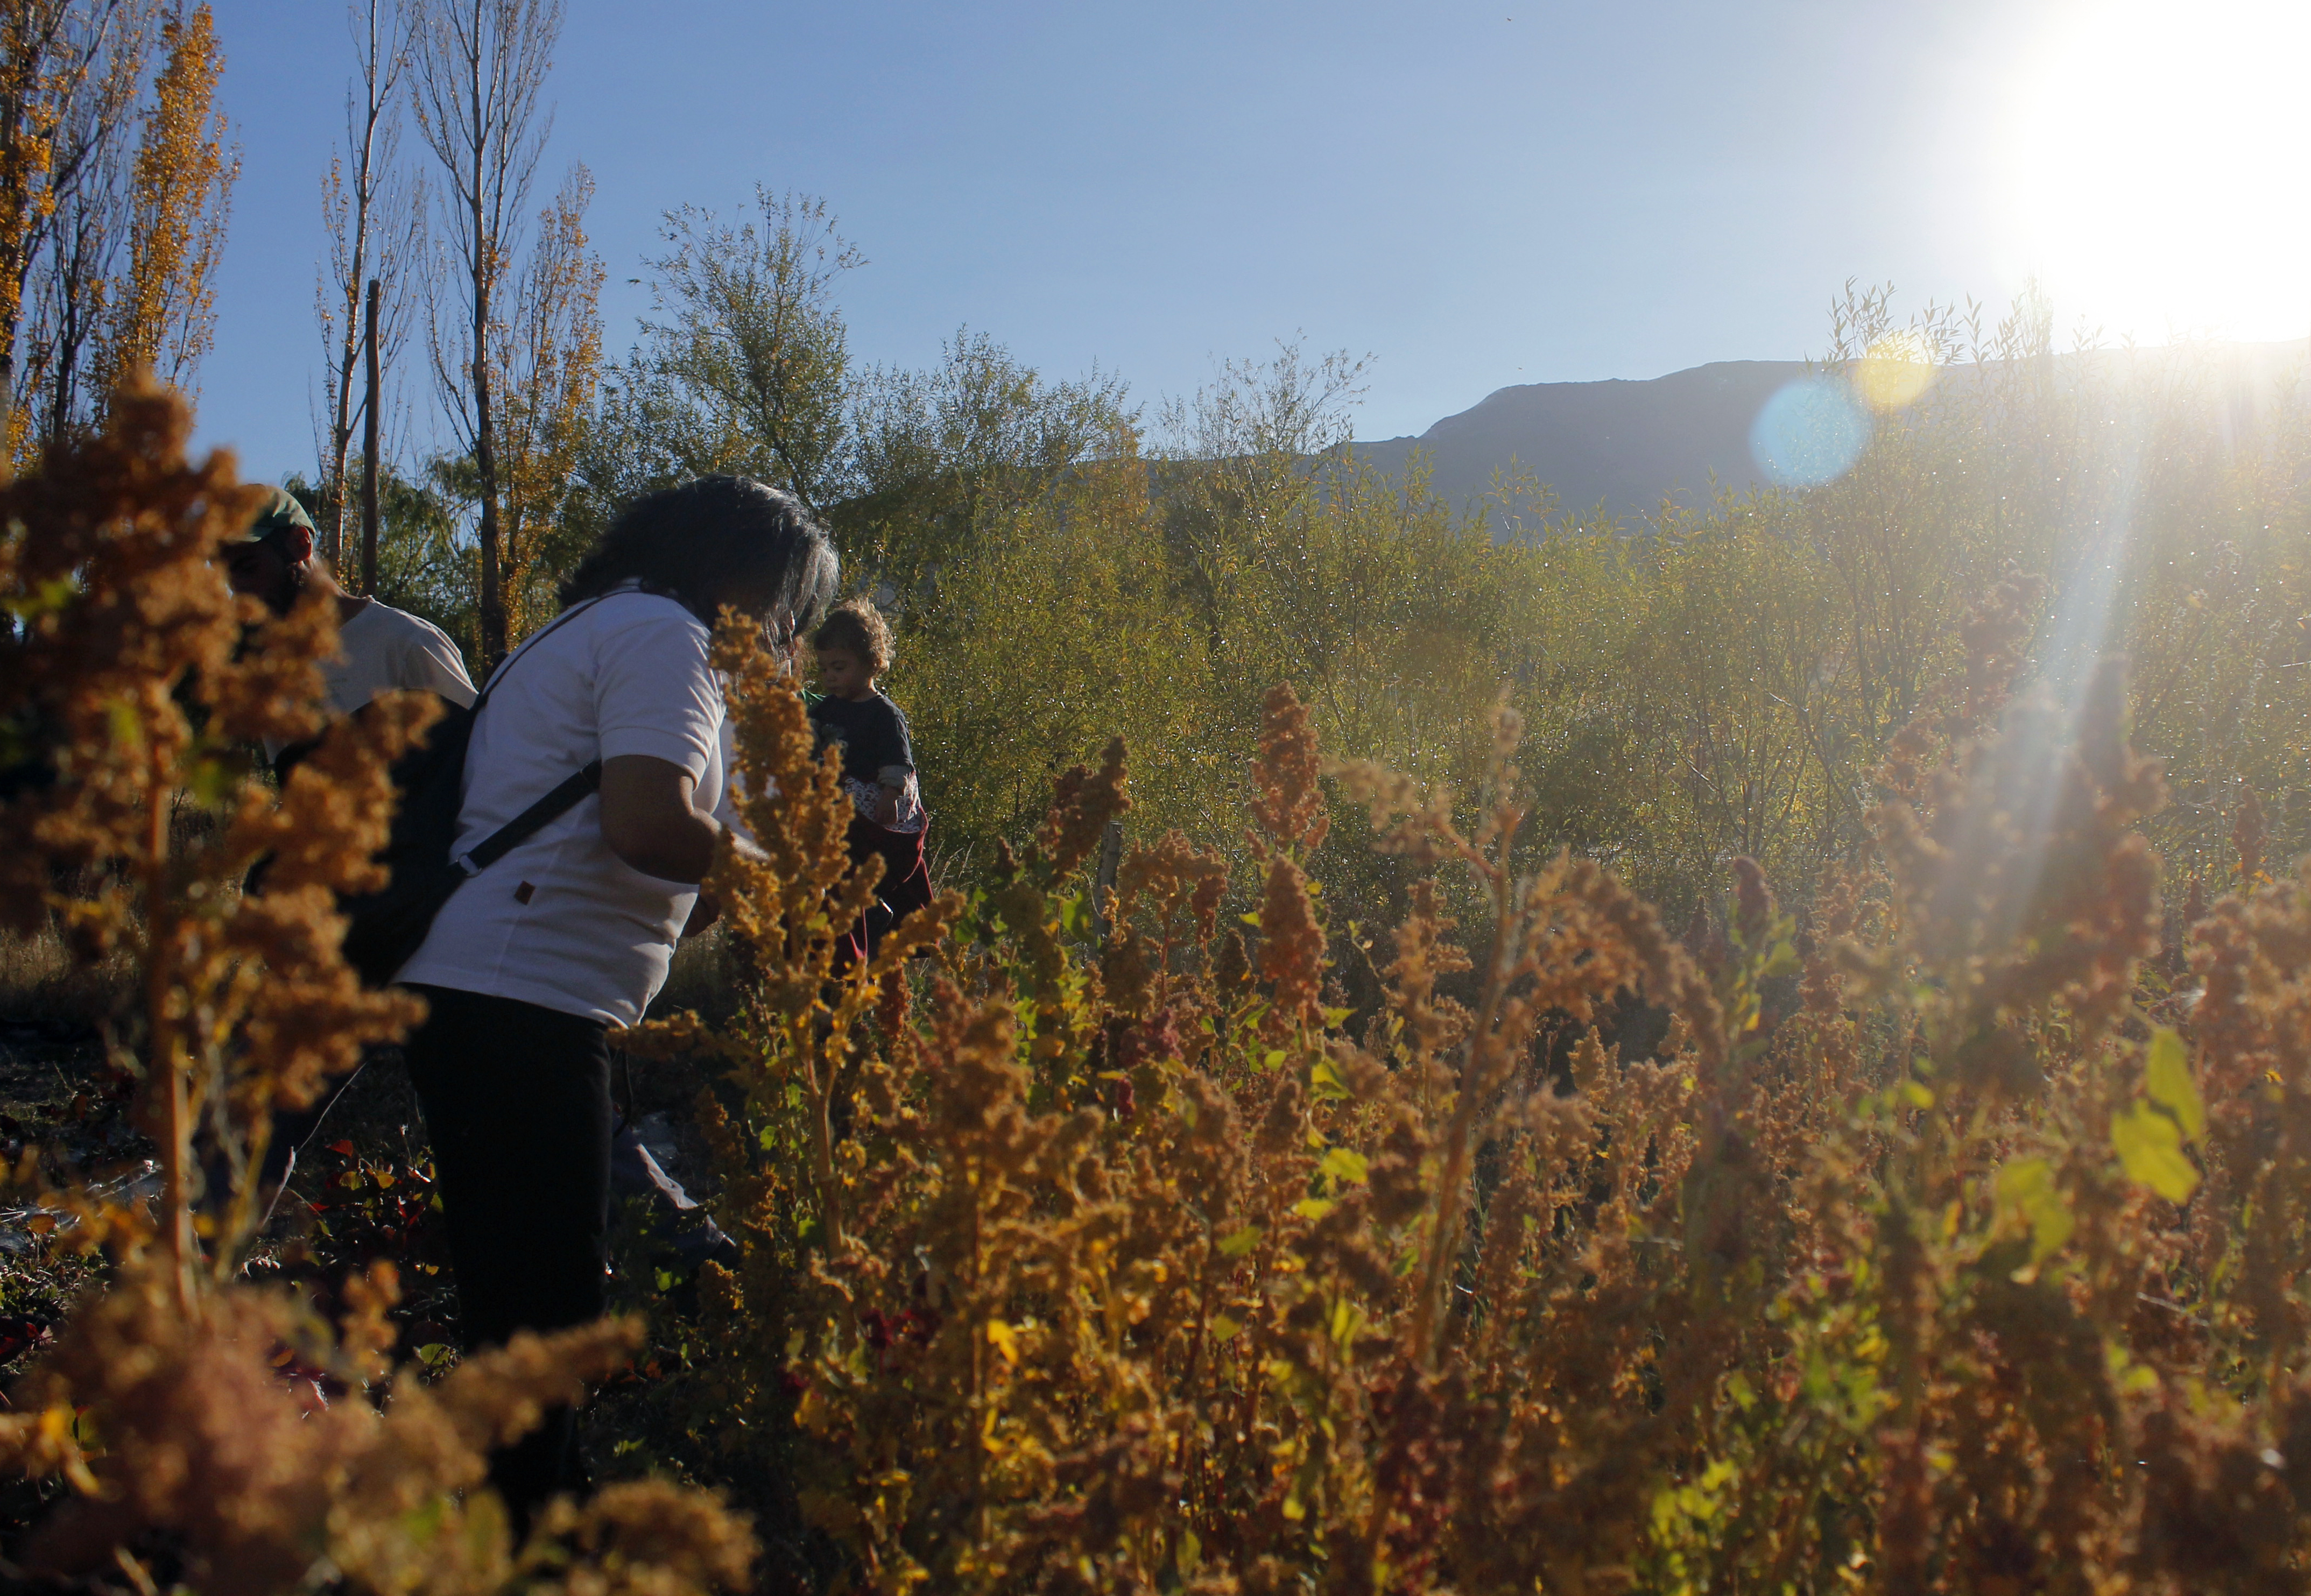 La quinoa también se produce en Patagonia